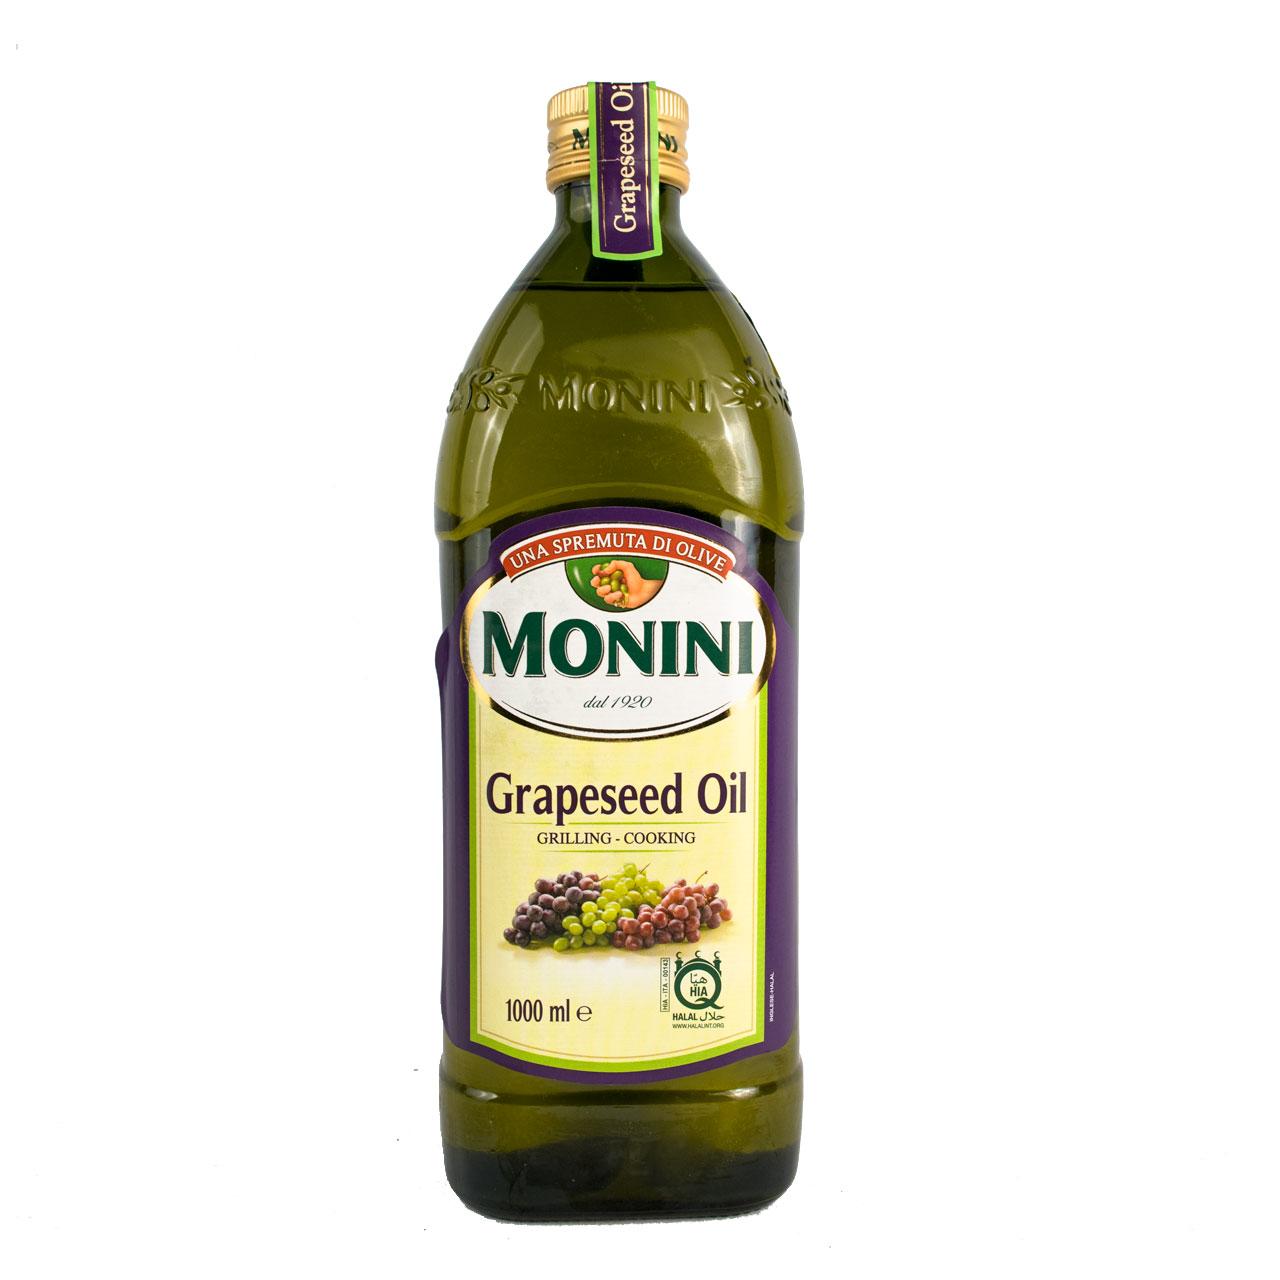 روغن هسته انگور یک لیتر مونينی – monini